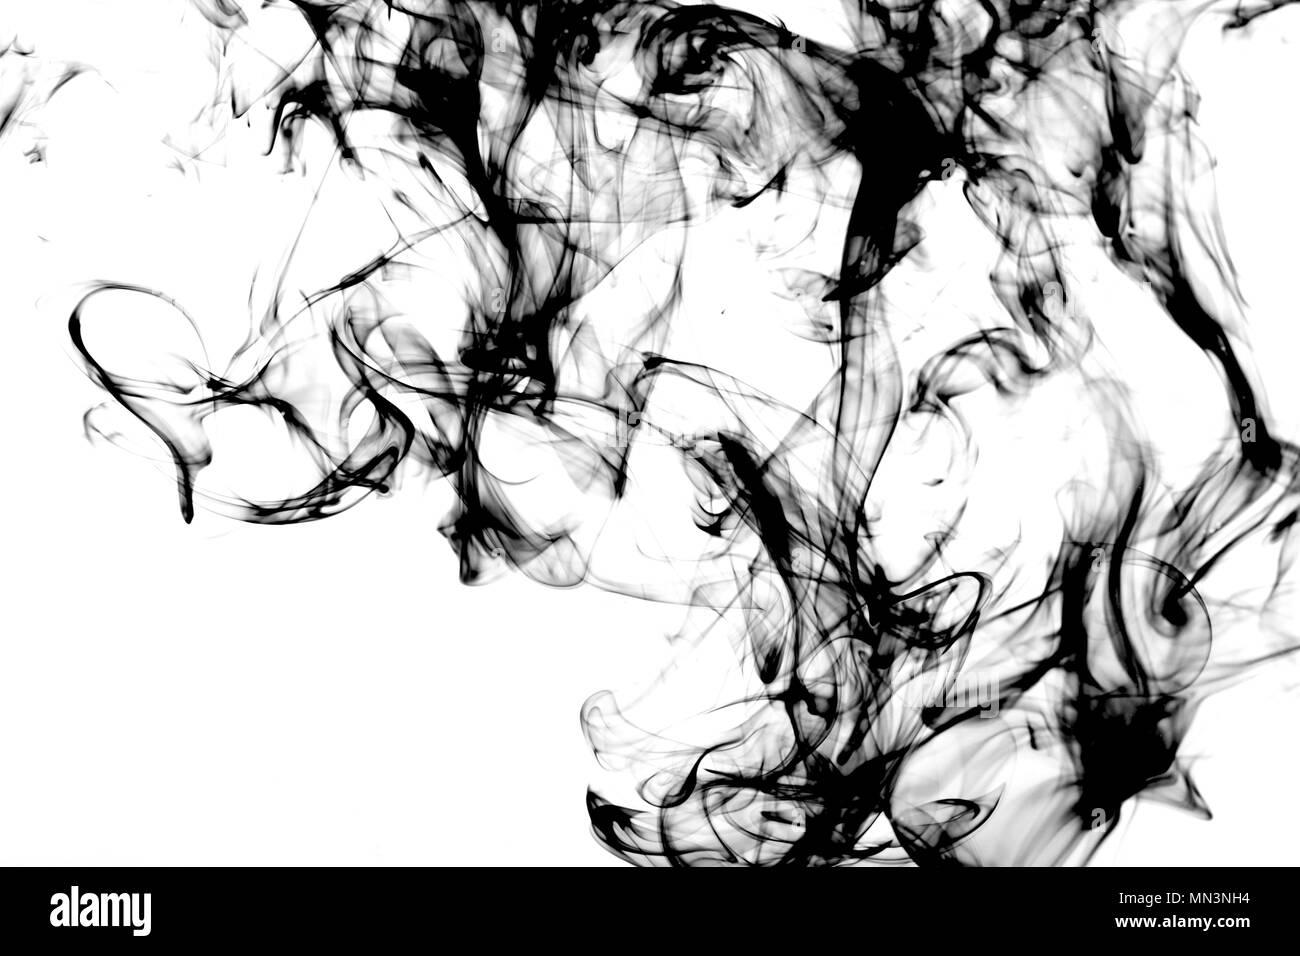 Bunte Abstraktion auf weißem Hintergrund, Studio, Beleuchtung Stockbild